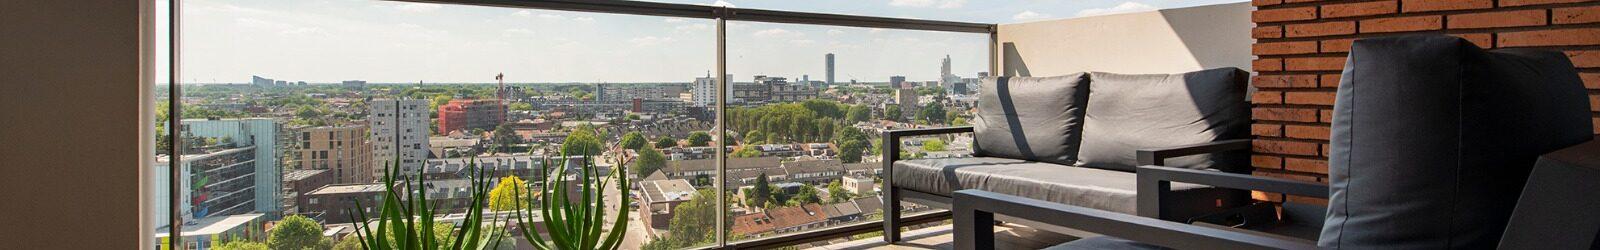 Exterpark Magnet Bamboo FSC Carbonised – Olanda